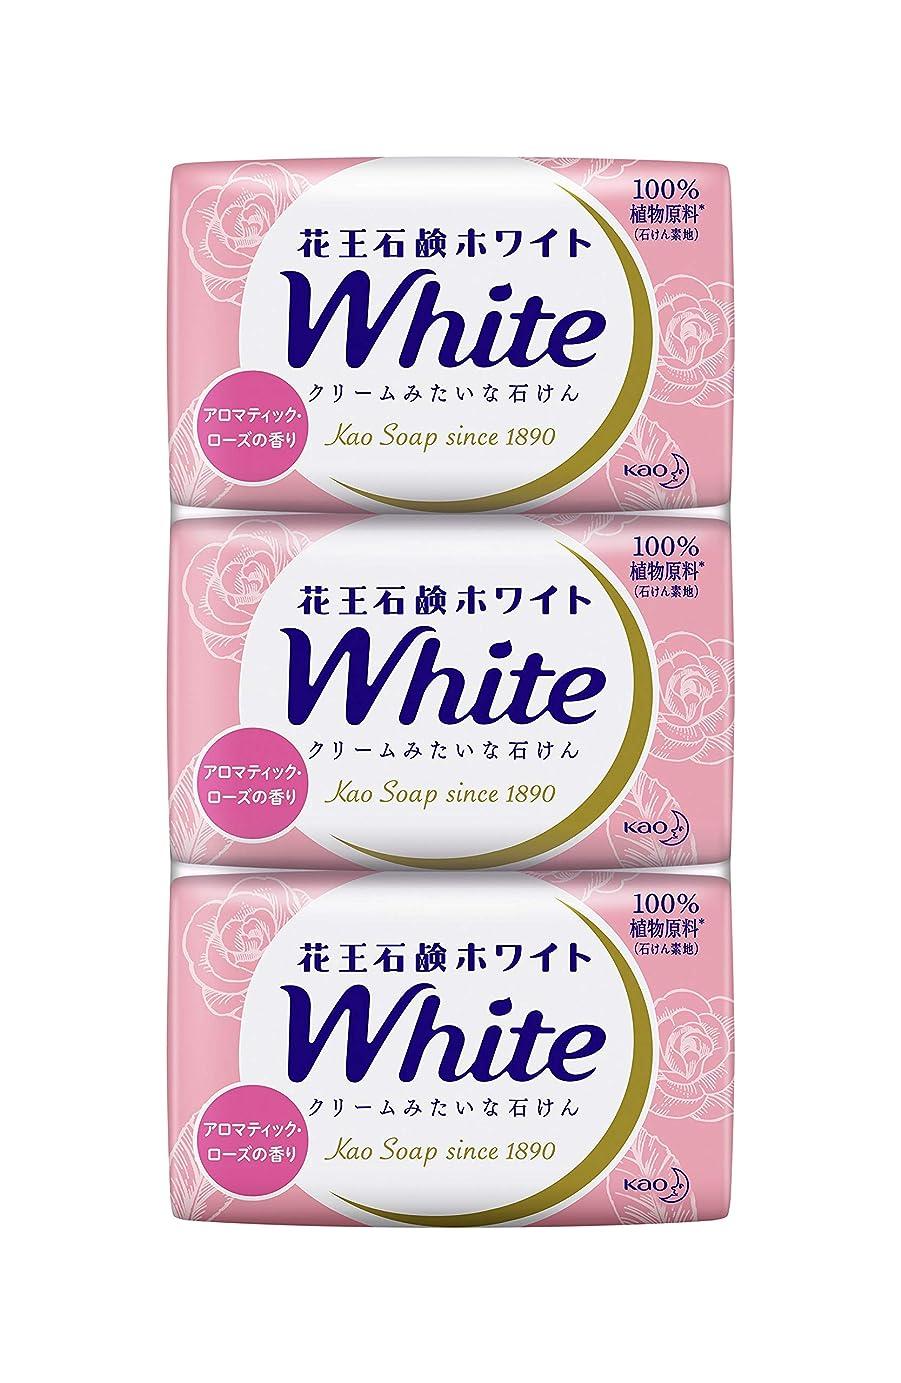 チップしなやかきちんとした花王ホワイト アロマティックローズの香り レギュラーサイズ3コ